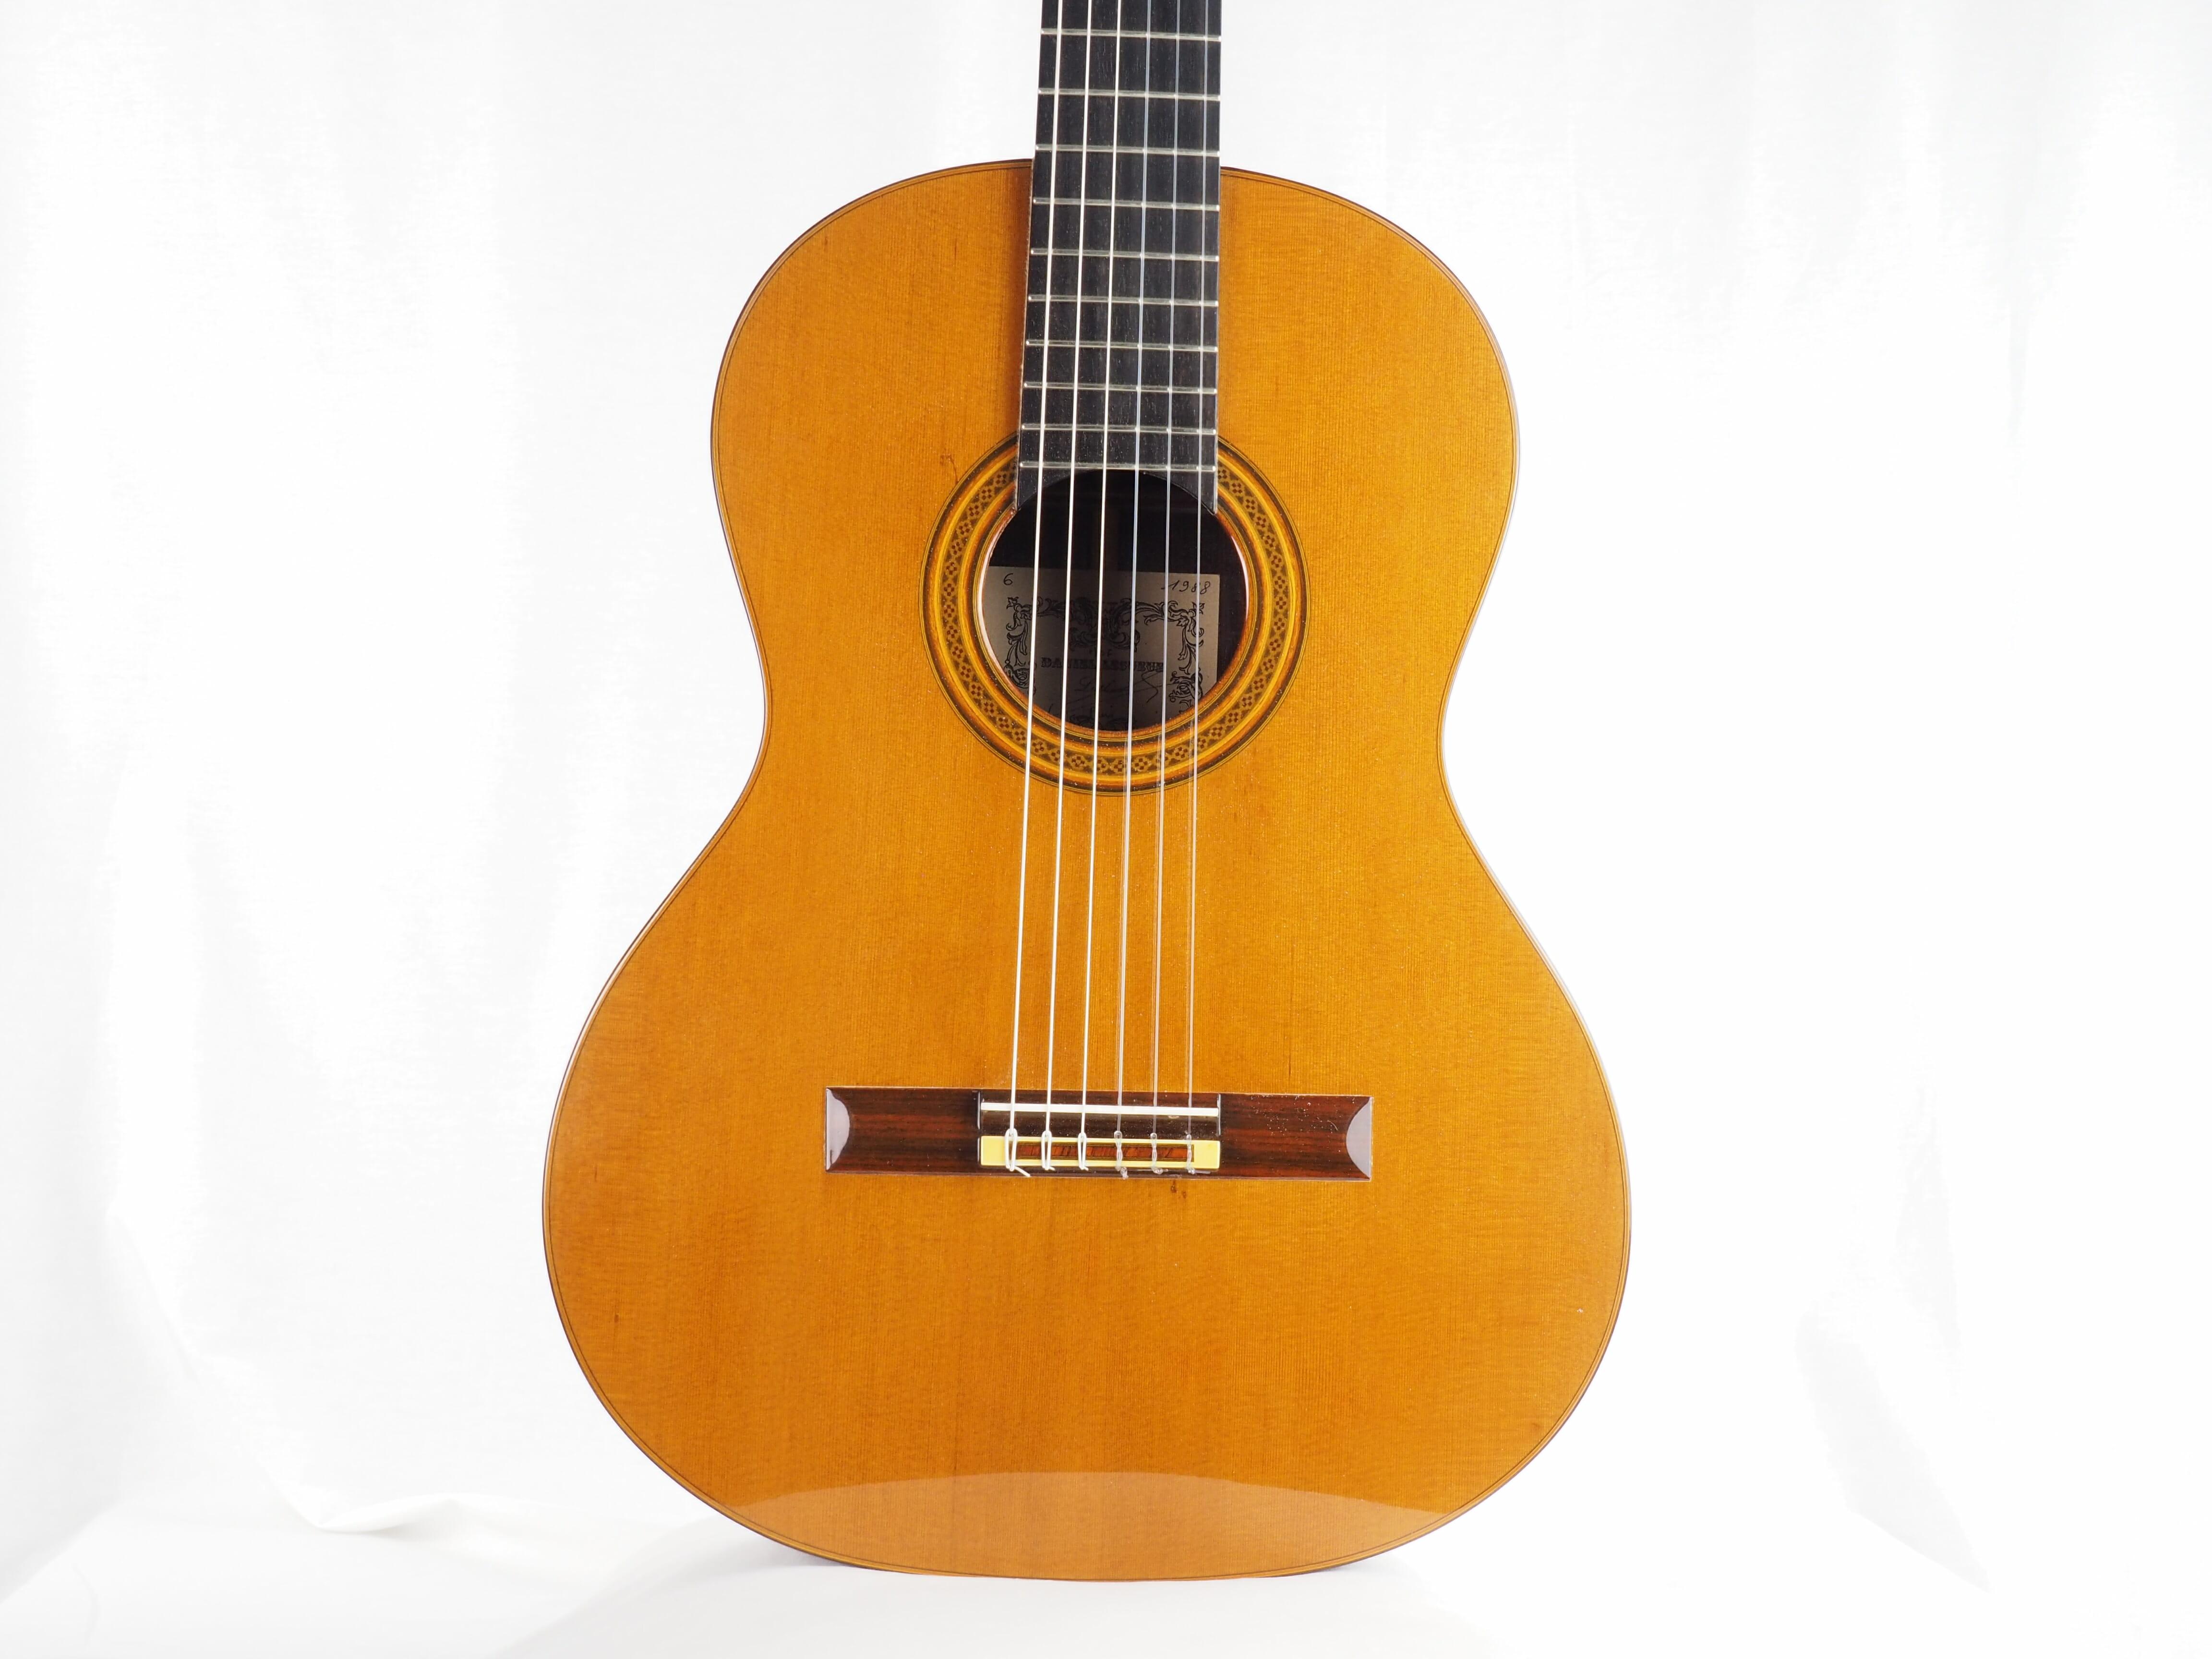 Daniel Lesueur luthier